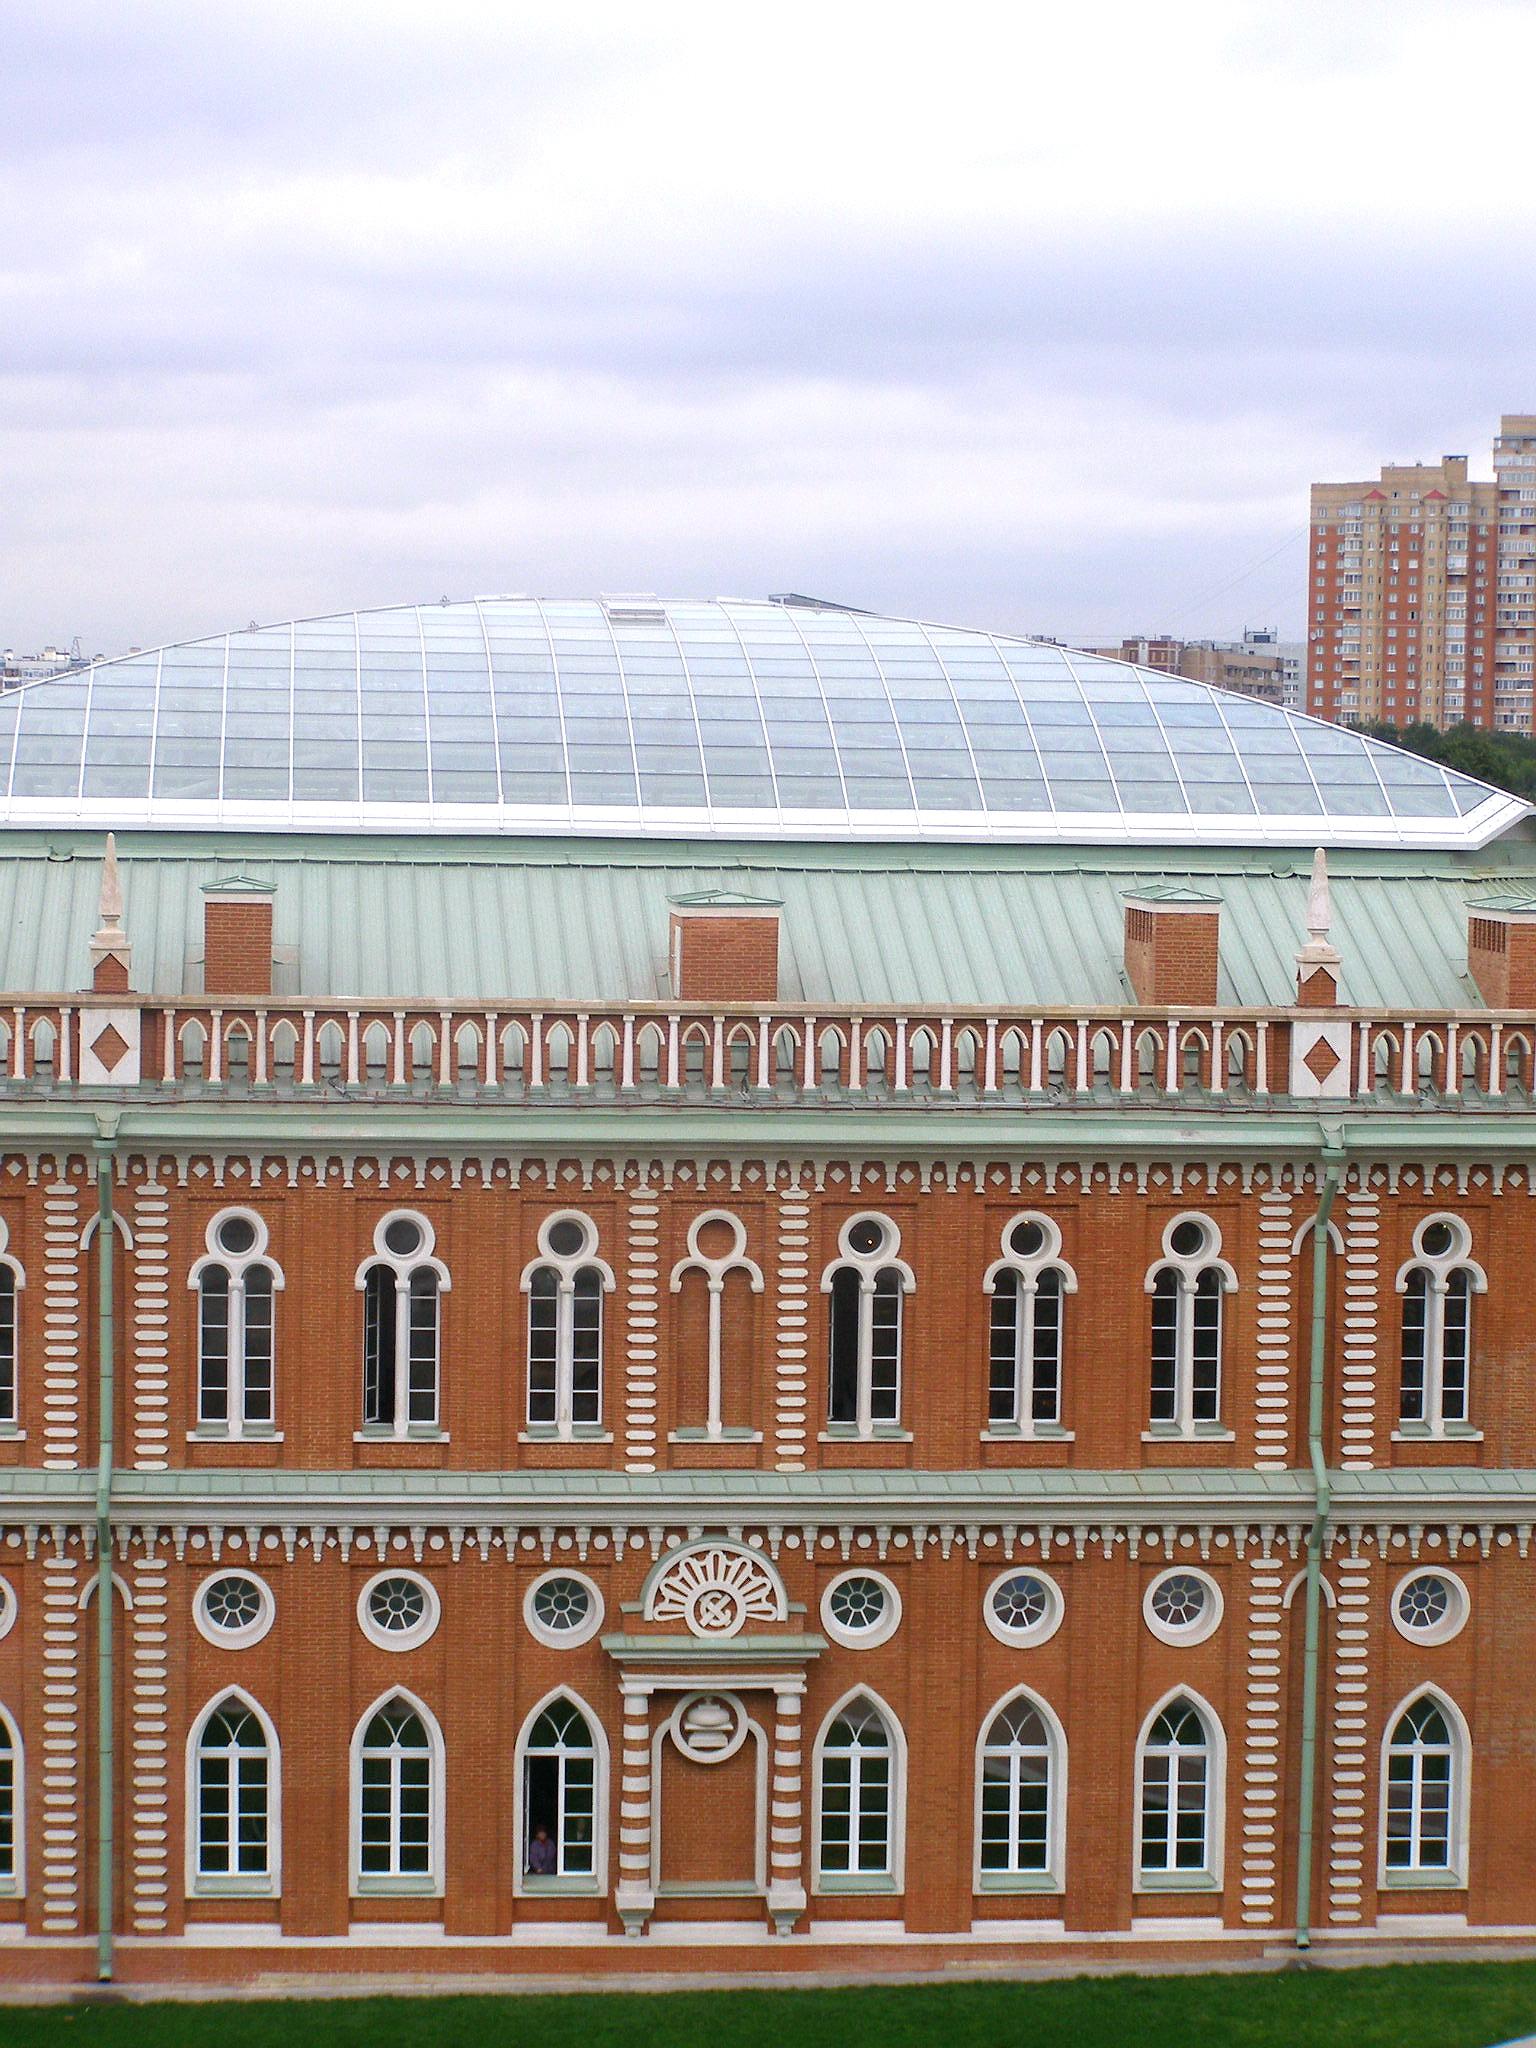 Panouri arhitecturale din cupru AURUBIS - Poza 114